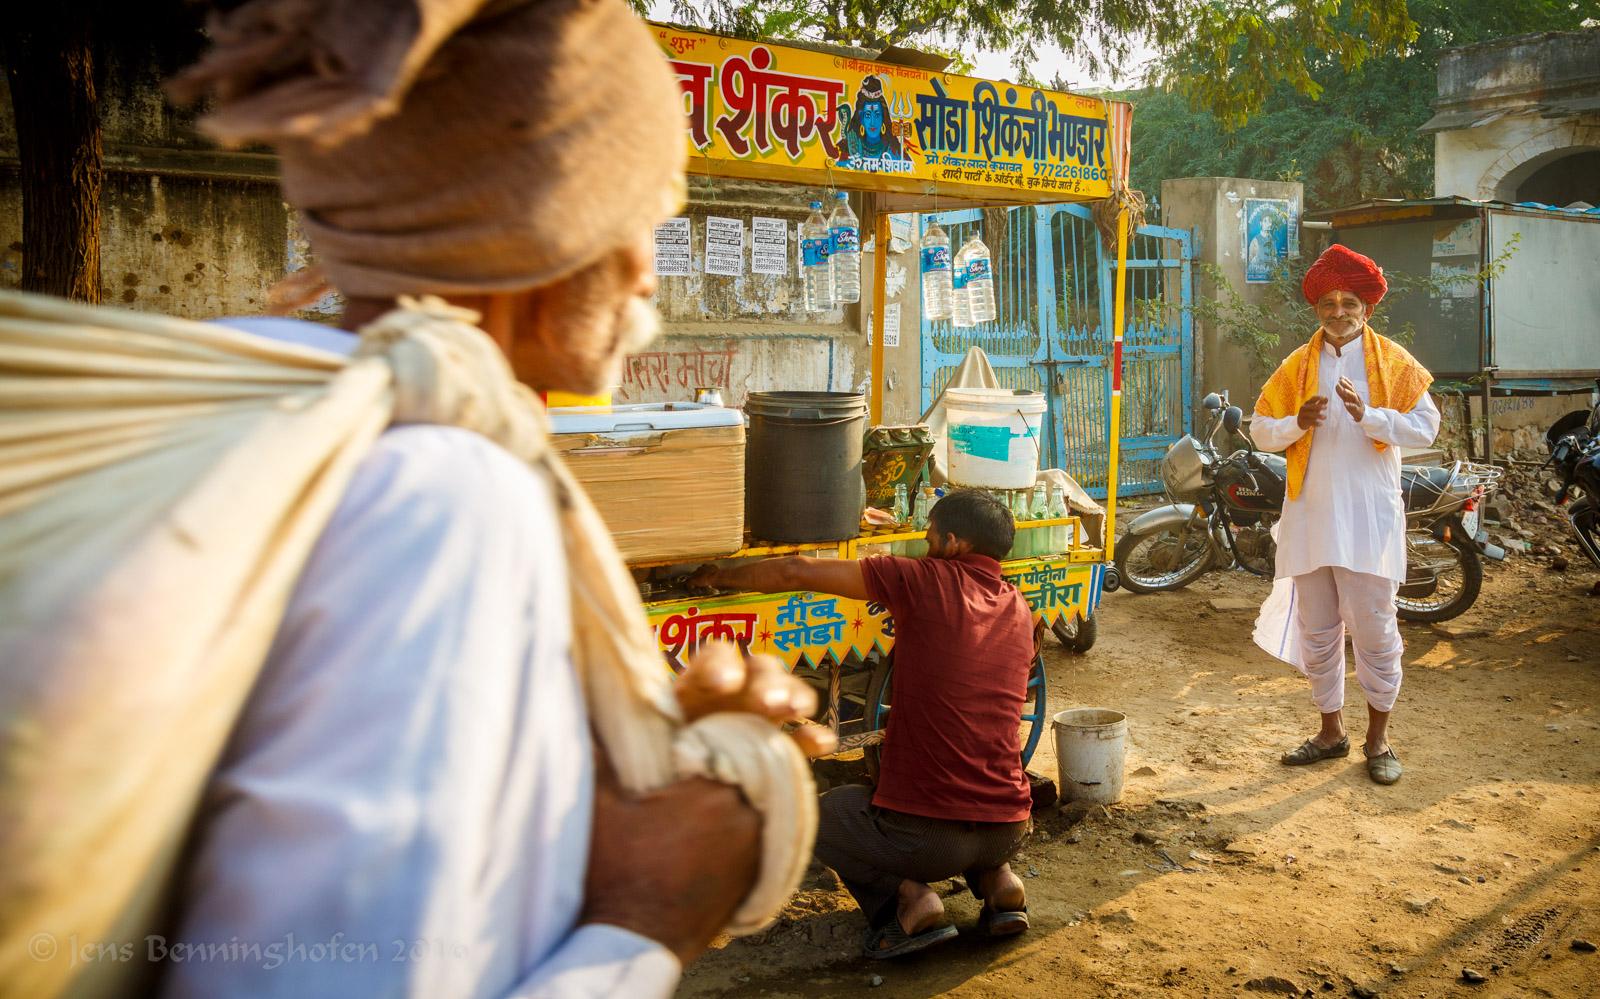 20141101_Indien_0014-2